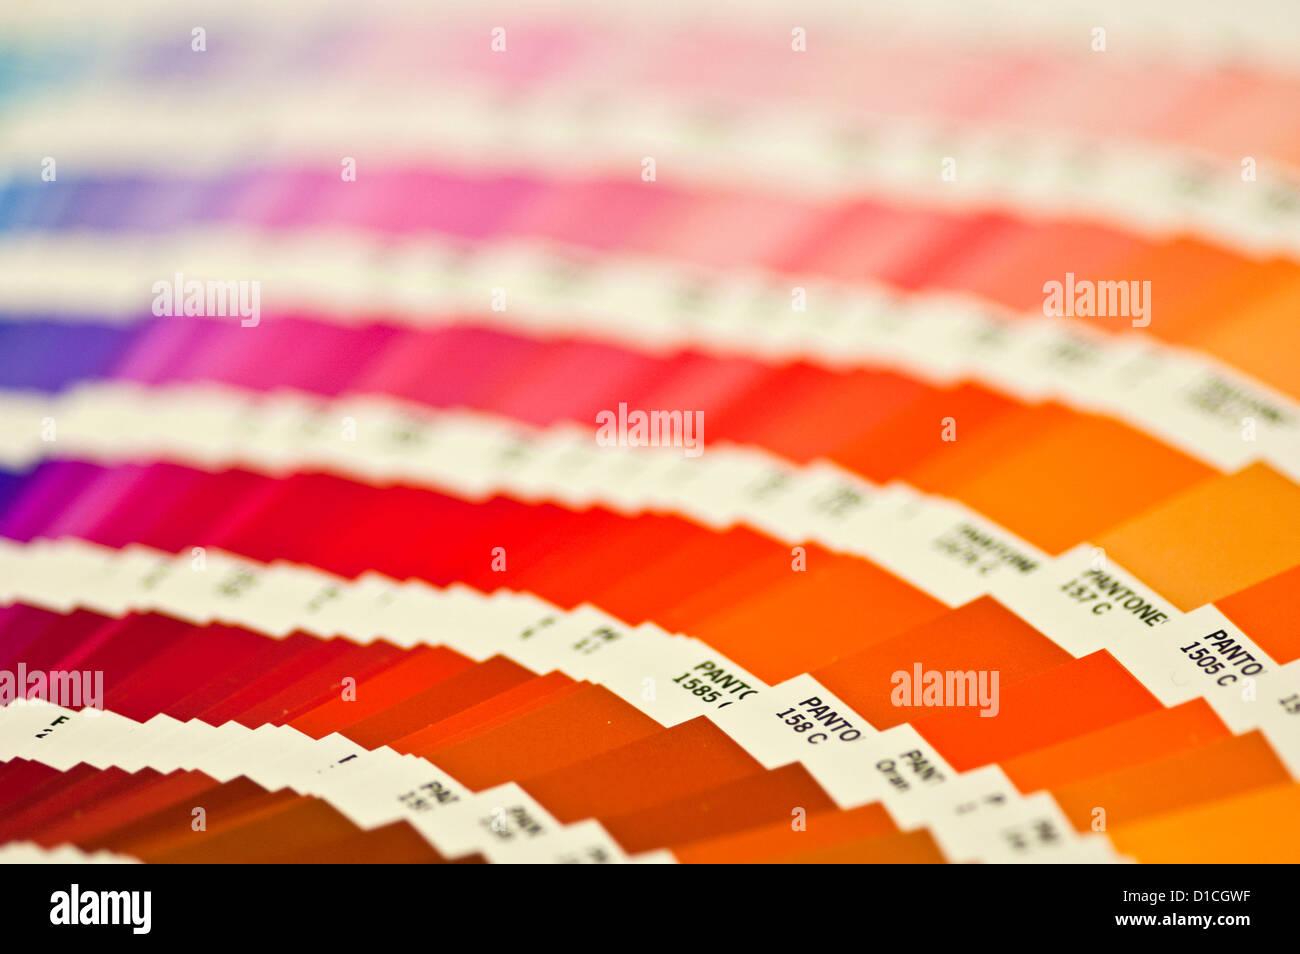 pantone color swatchbook - Pantone Color Swatch Book